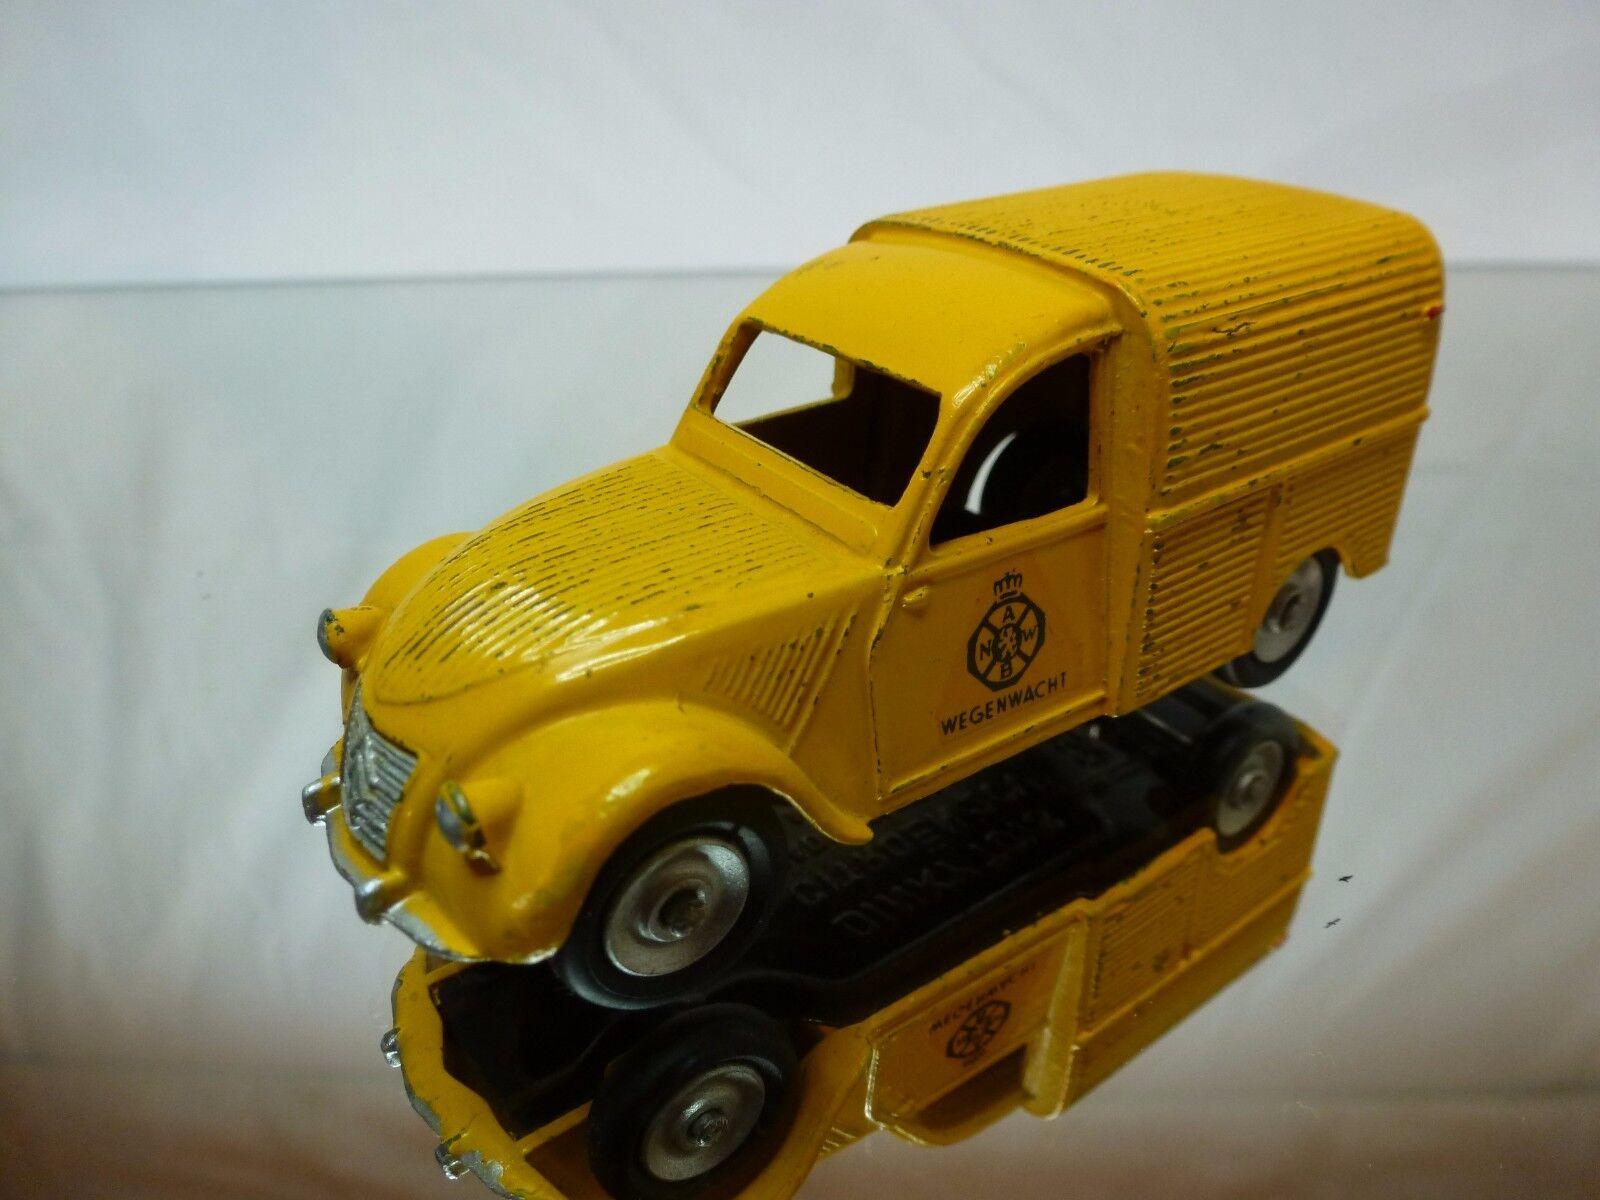 DINKY TOYS 25D CITROEN 2CV FOURGONNETTE ANWB - jaune 1  43 - GOOD CONDITION  meilleur service